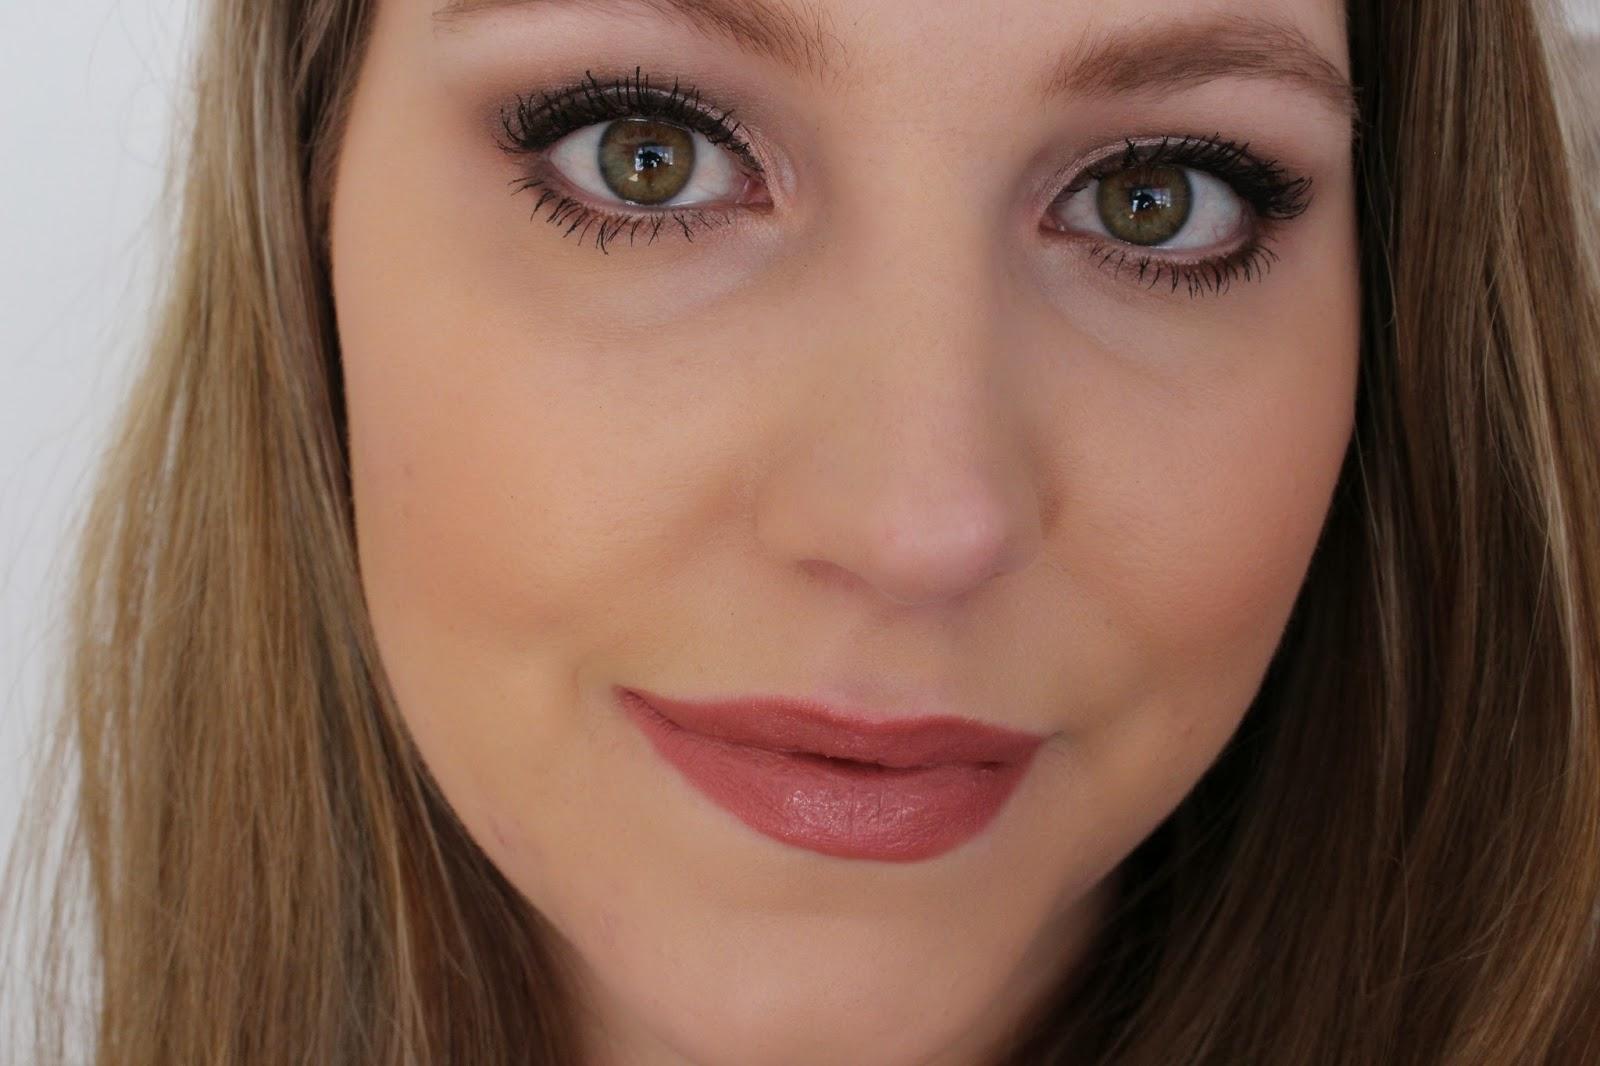 mac-eye-makeup-look-36